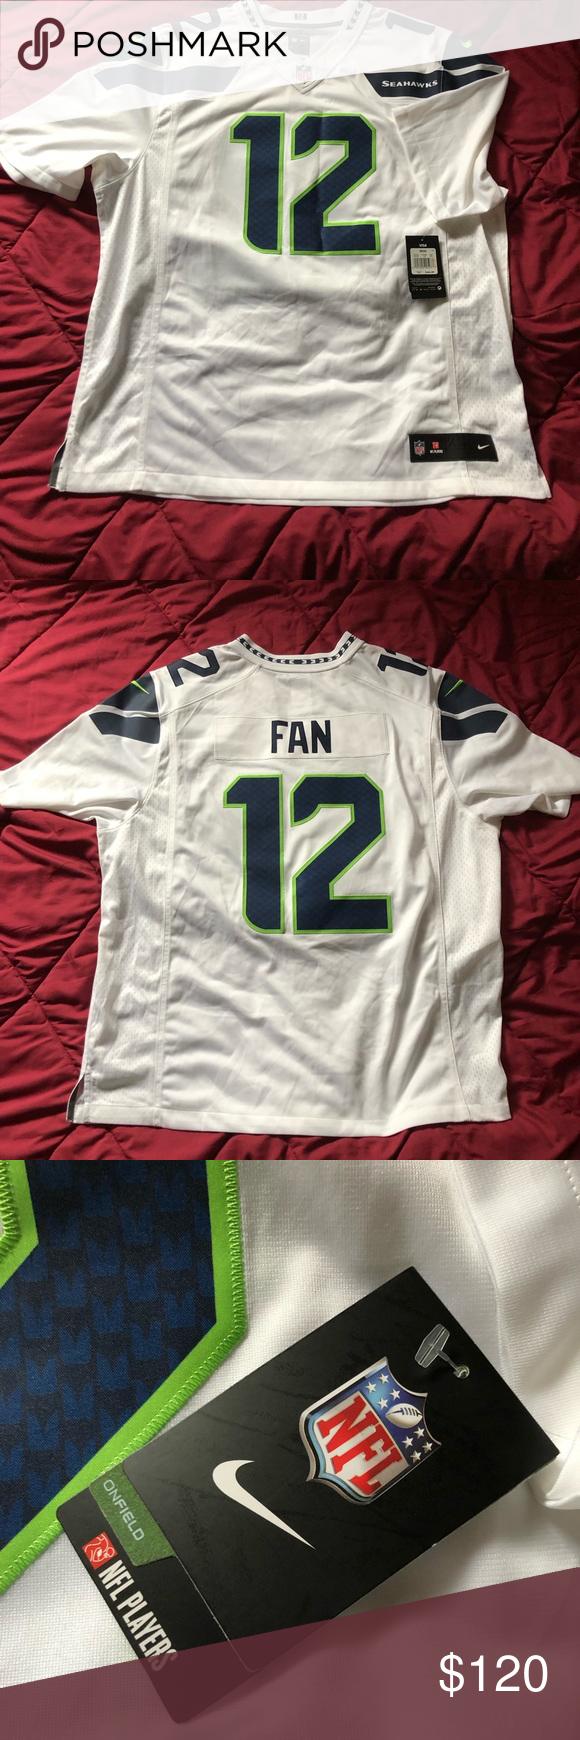 Seahawks 12 Fan Jersey Nfl Shirts 12th Fan Distressed Denim